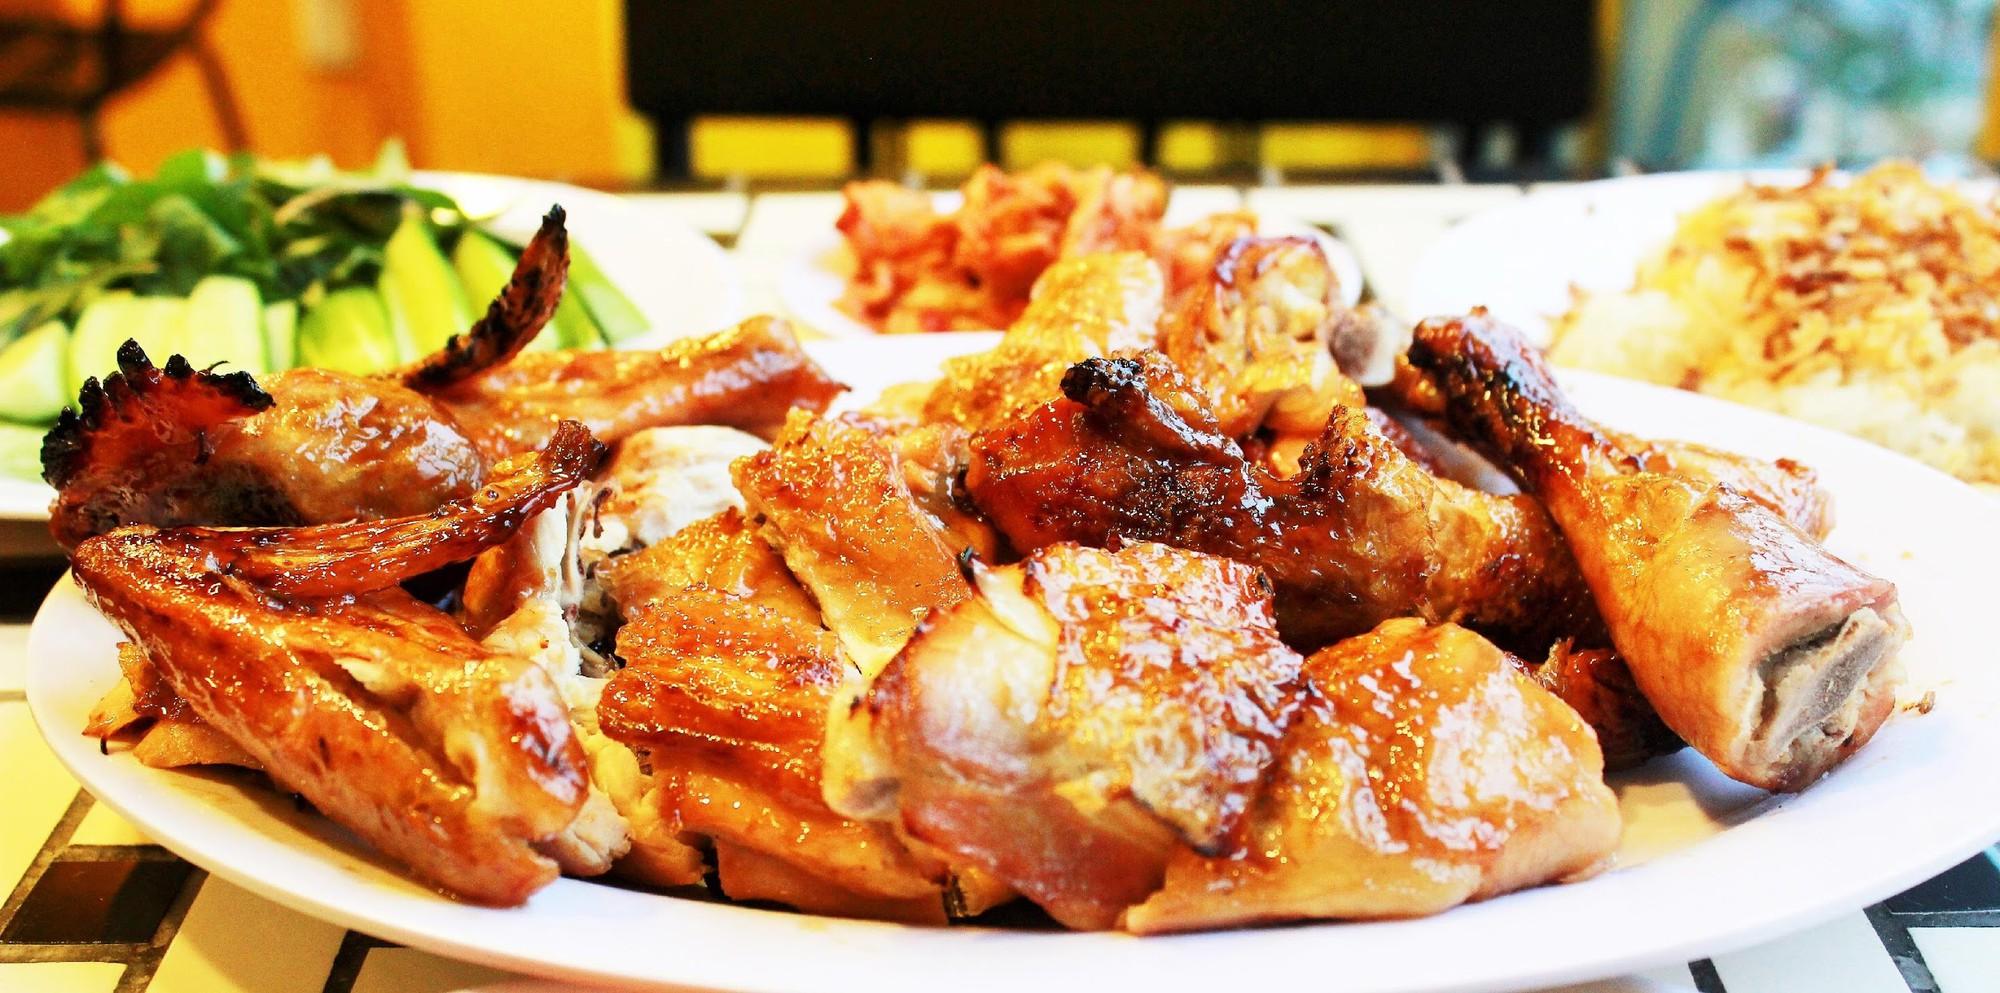 Theo chân người Sài Gòn oanh tạc tiệc gà nướng 5 vị độc lạ ngay giữa Hà Nội mùa đông - Ảnh 2.